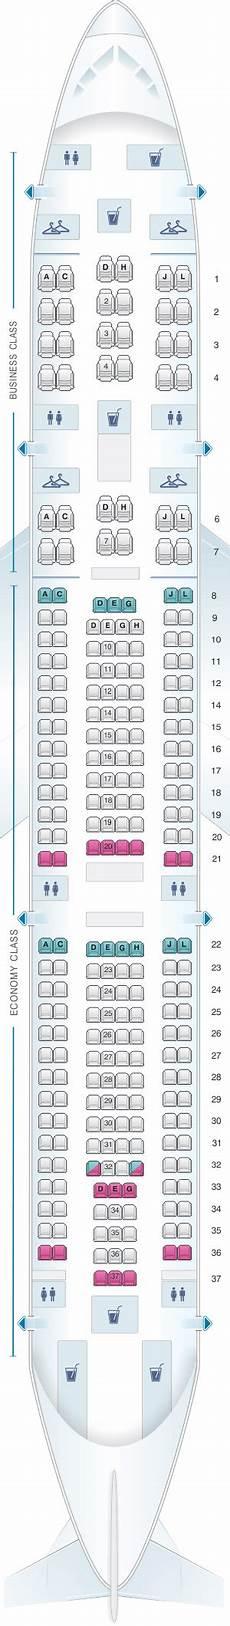 Iberia 2622 Seating Chart Iberia Airlines Seating Chart Www Microfinanceindia Org